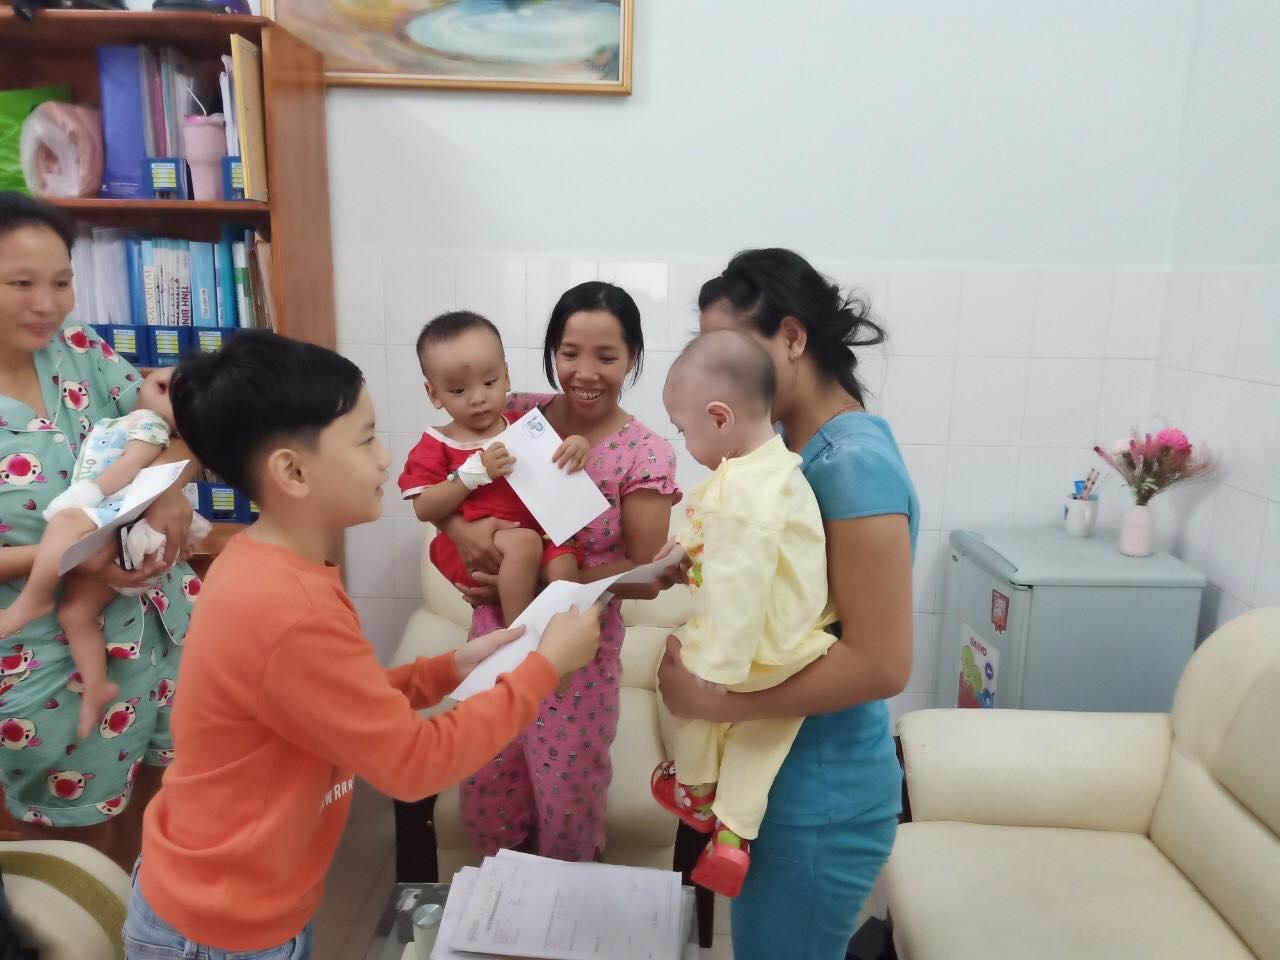 Con trai MC Hồng Phúc từ chối việc bố tổ chức tiệc sinh nhật để dành tiền làm từ thiện cho trẻ bị tim - Hình 4